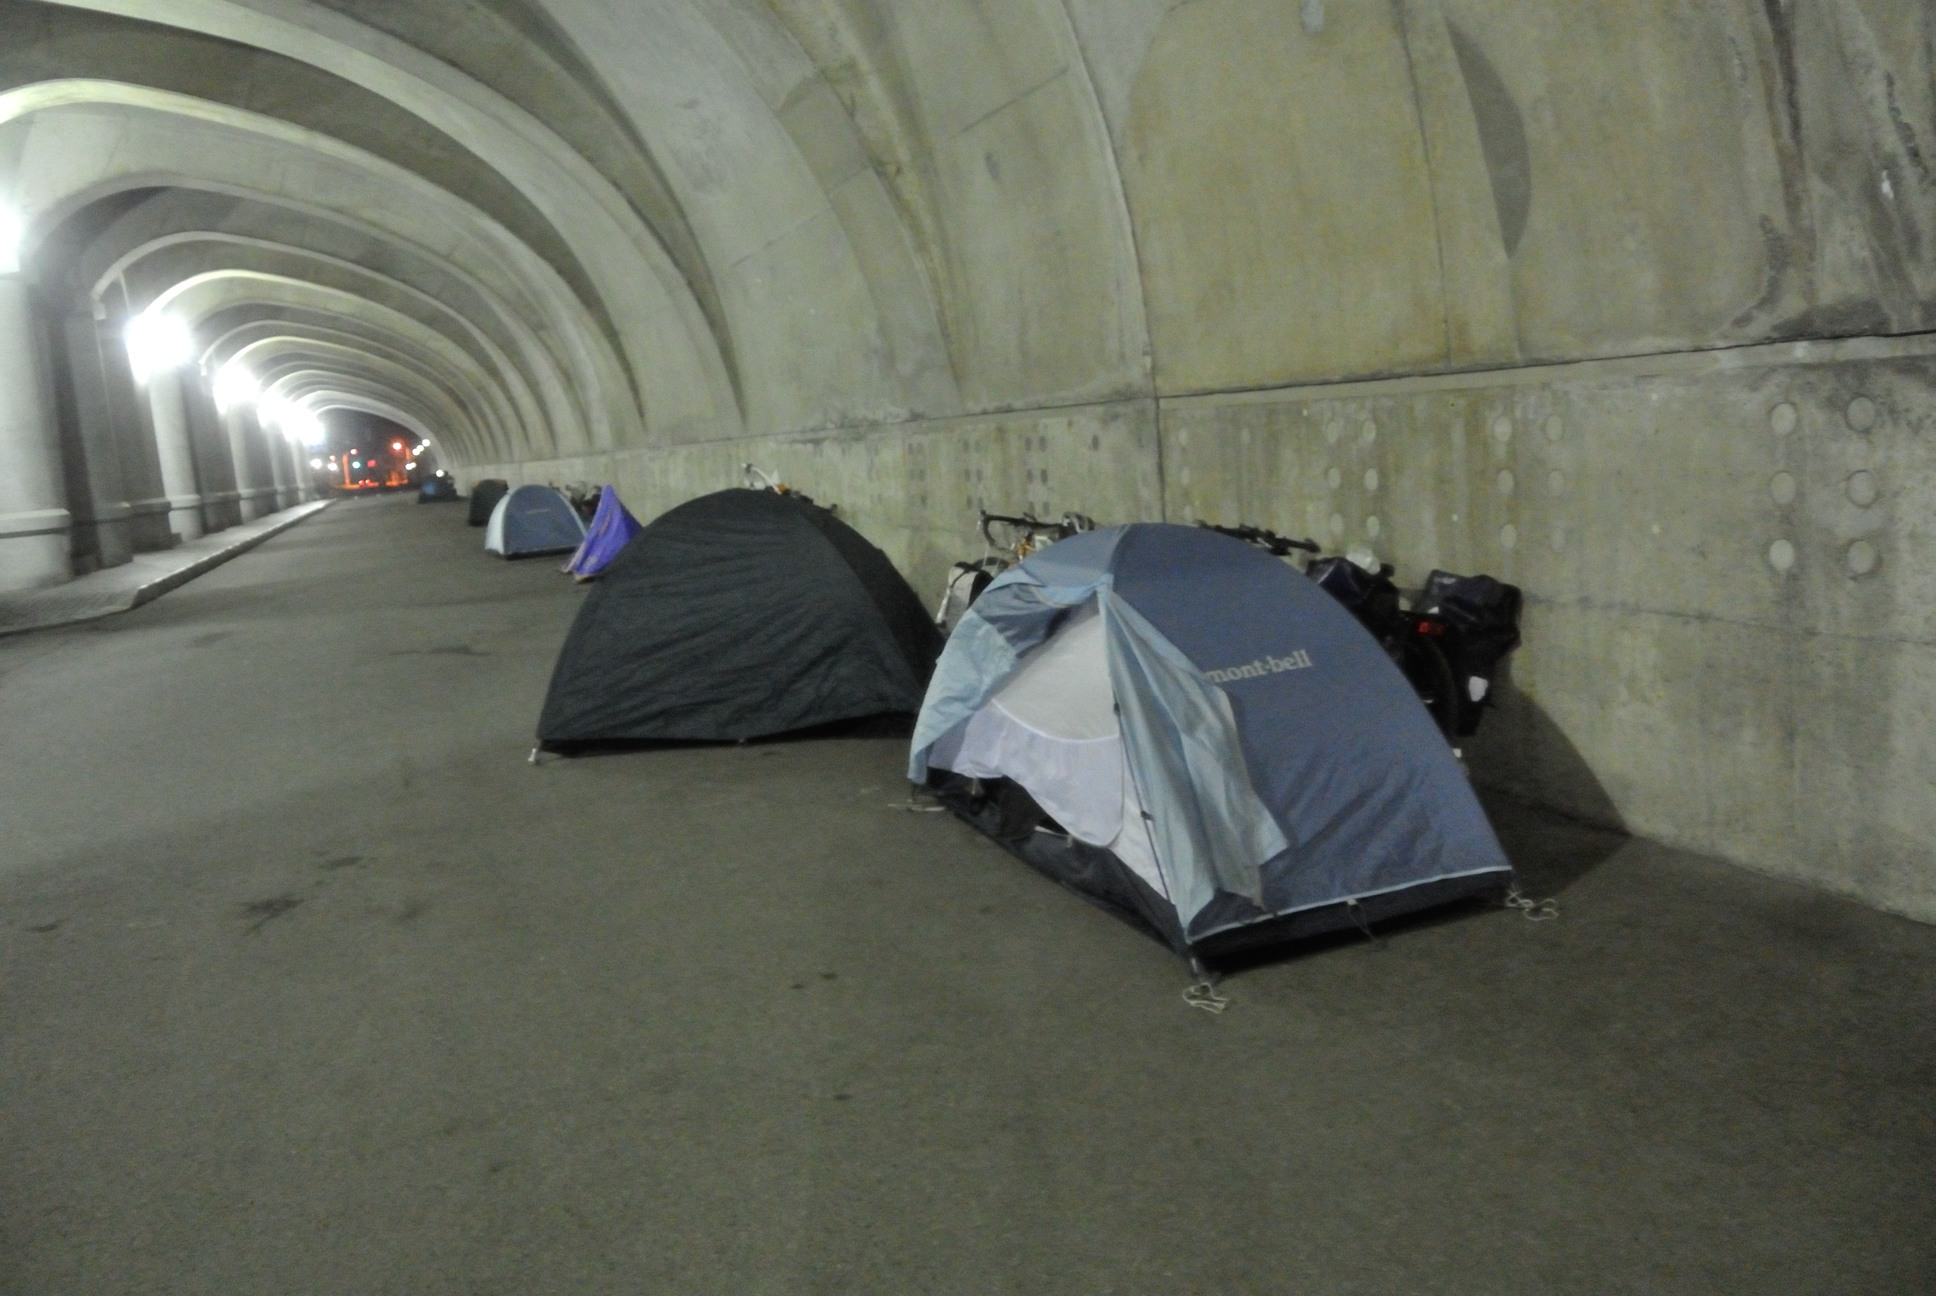 防波堤ドームは有名なキャンプサイト…